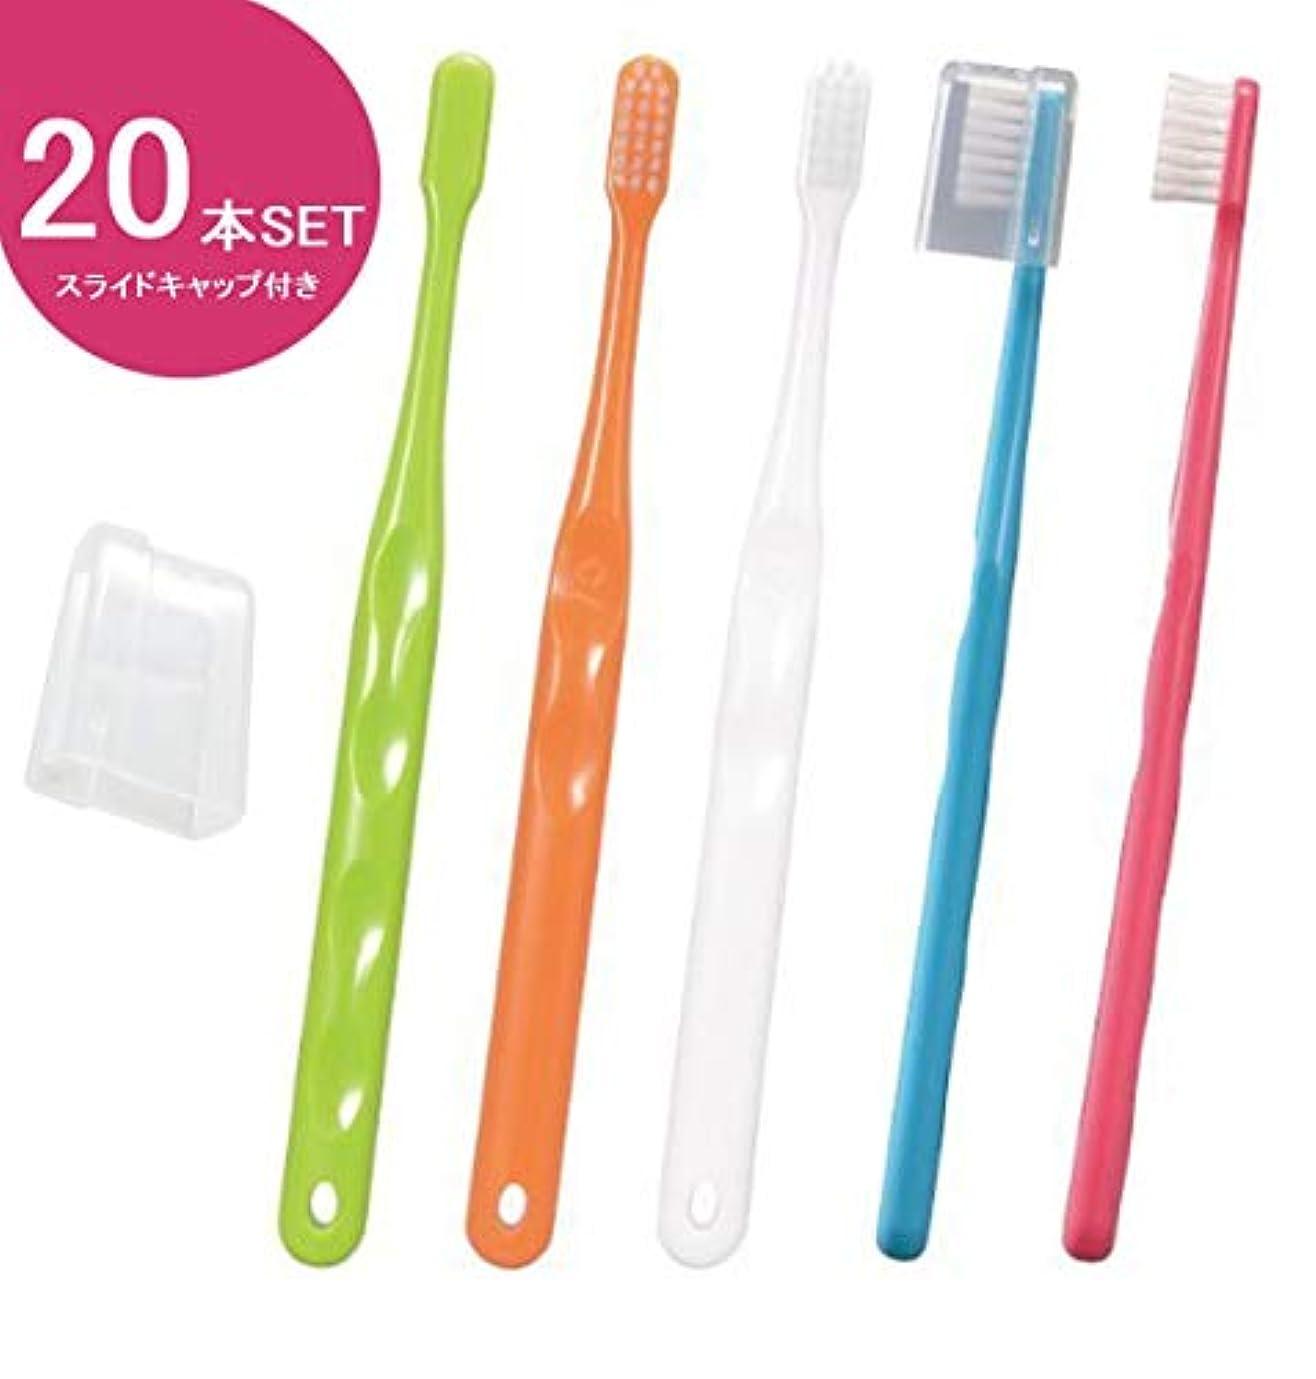 良い以内に追い払うCiメディカル Ci700 (超先細+ラウンド毛) 歯ブラシ S(やわらかめ) スライドキャップ付き 20本